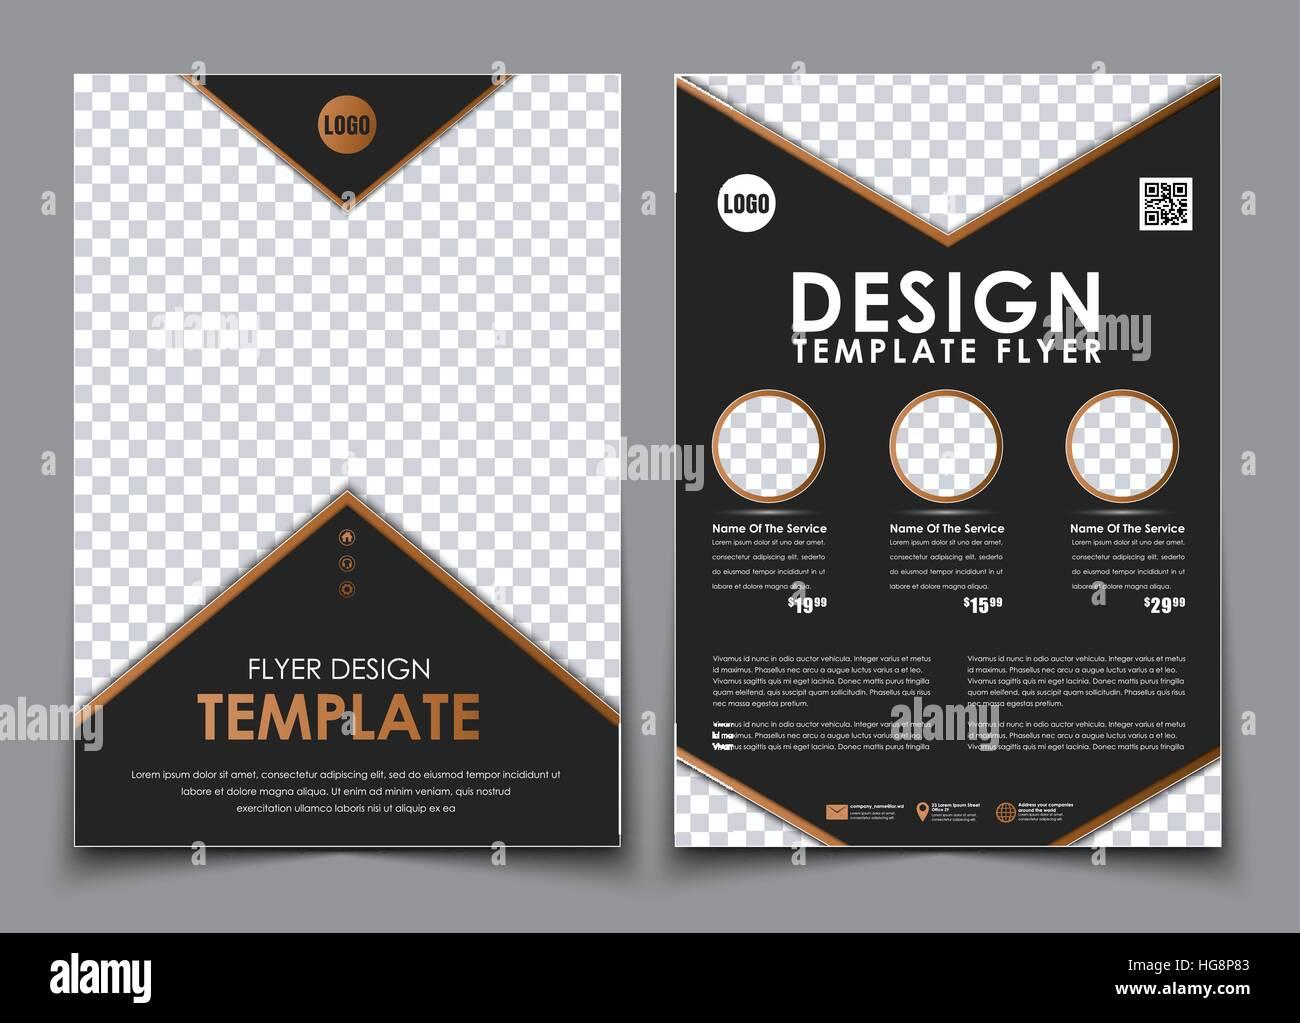 information flyer design elita aisushi co